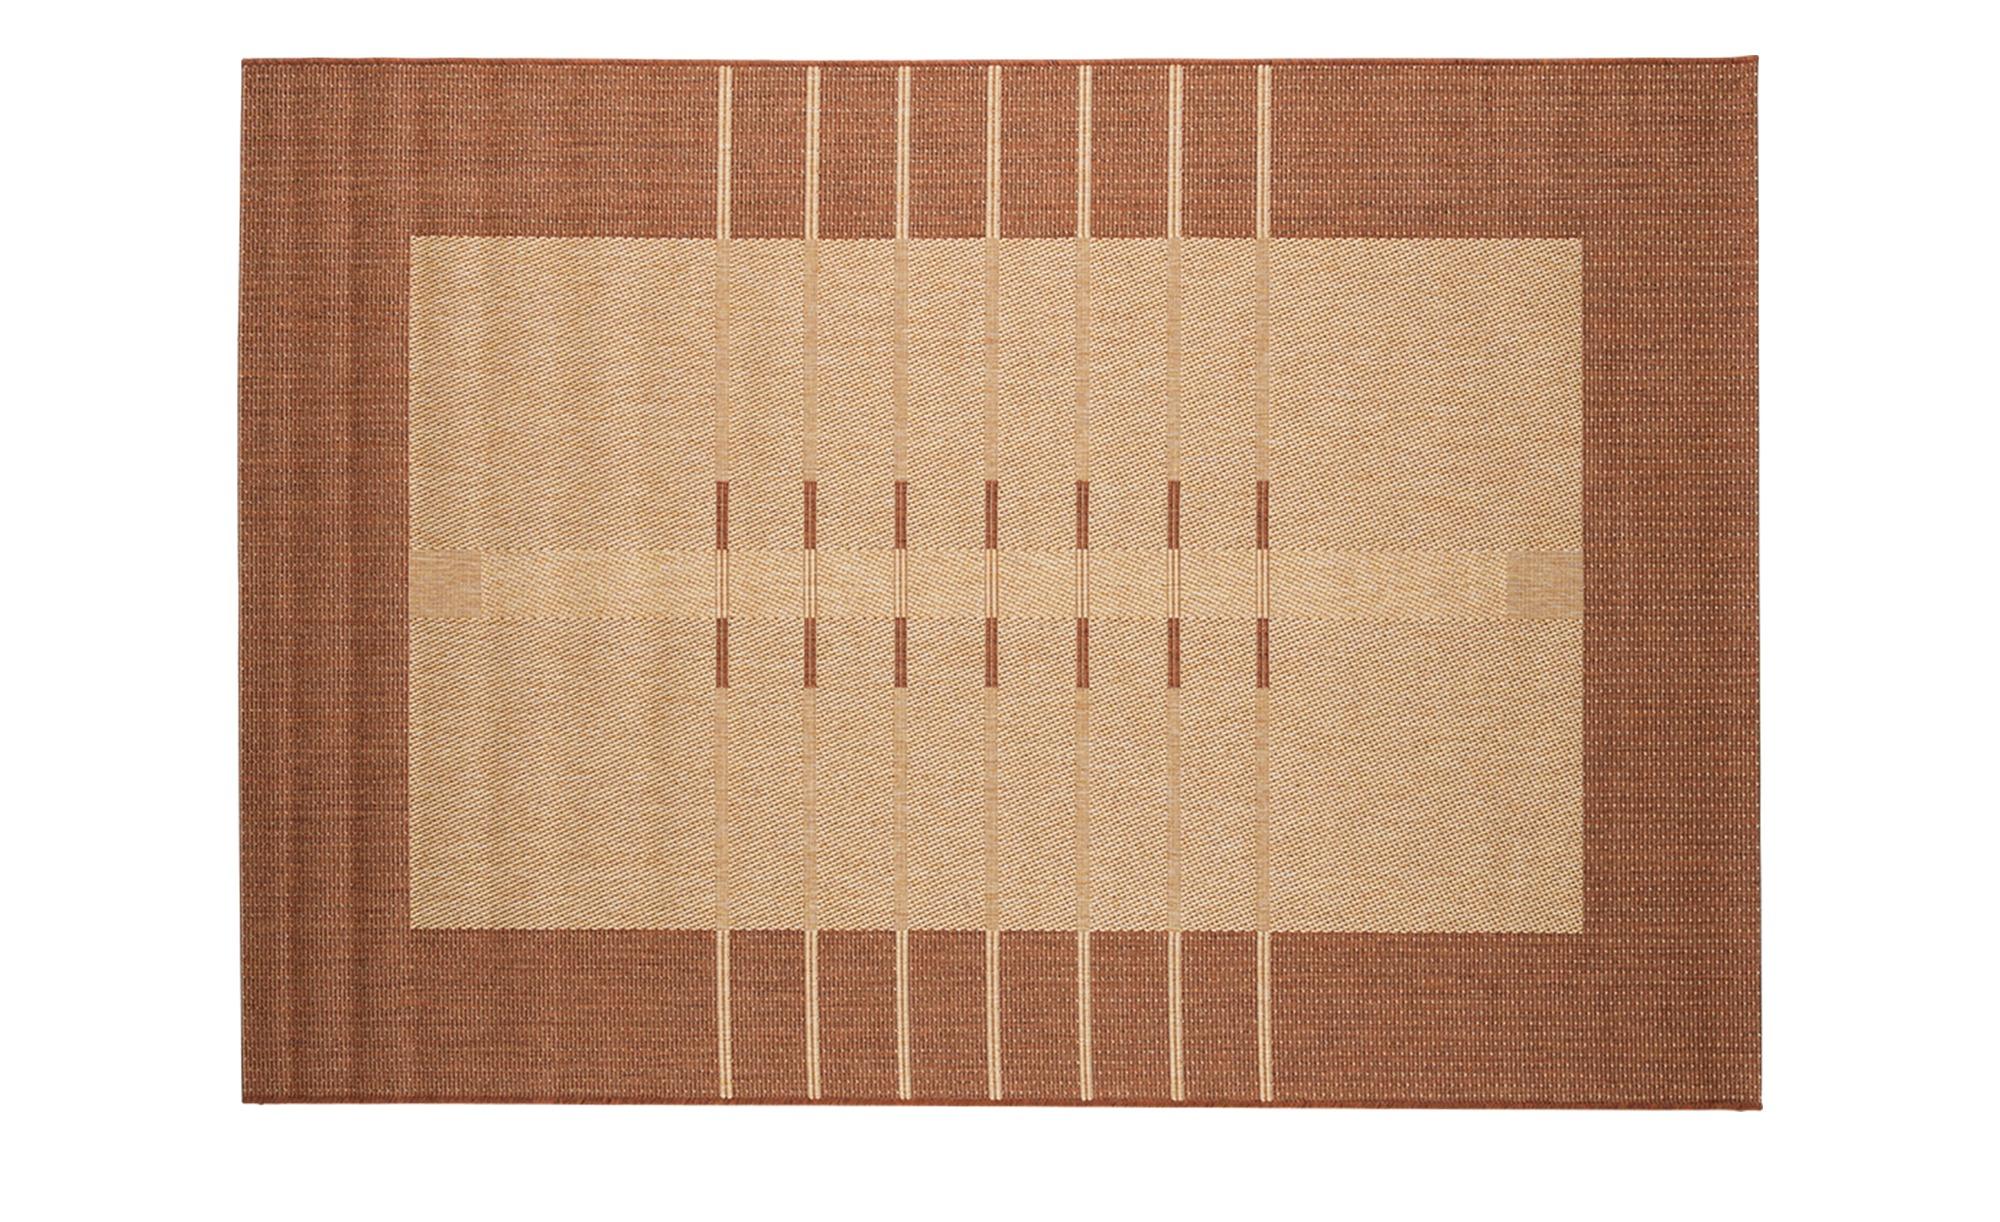 Webteppich  Nizza ¦ orange ¦ 100 % Polypropylen, Synthethische Fasern ¦ Maße (cm): B: 120 Teppiche > Wohnteppiche > Kurzflorteppiche - Höffner